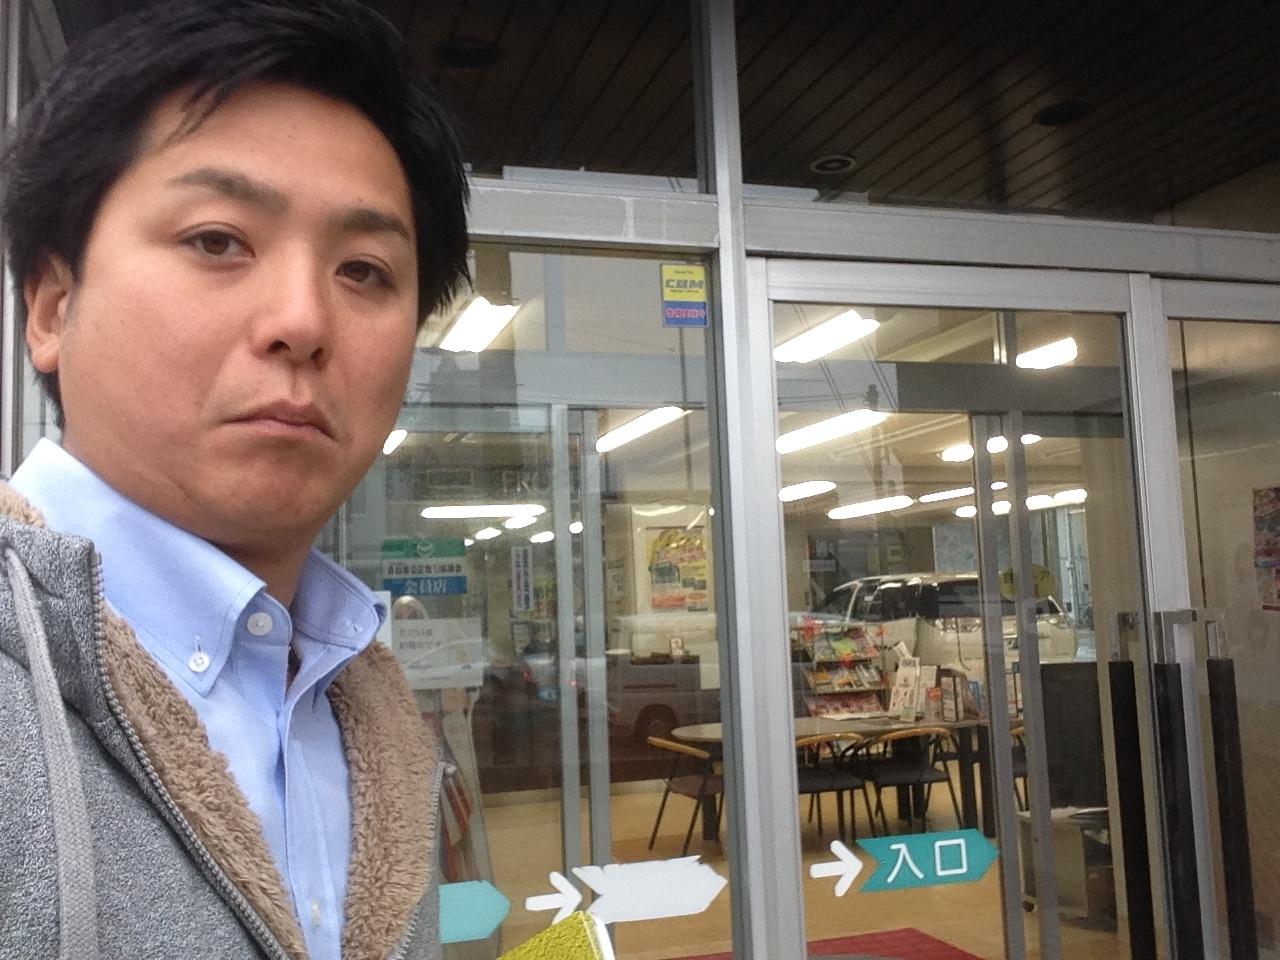 10月3日(金)103(トミー)の日☆アウトレット♪軽自動車☆103円カー_b0127002_1757247.jpg